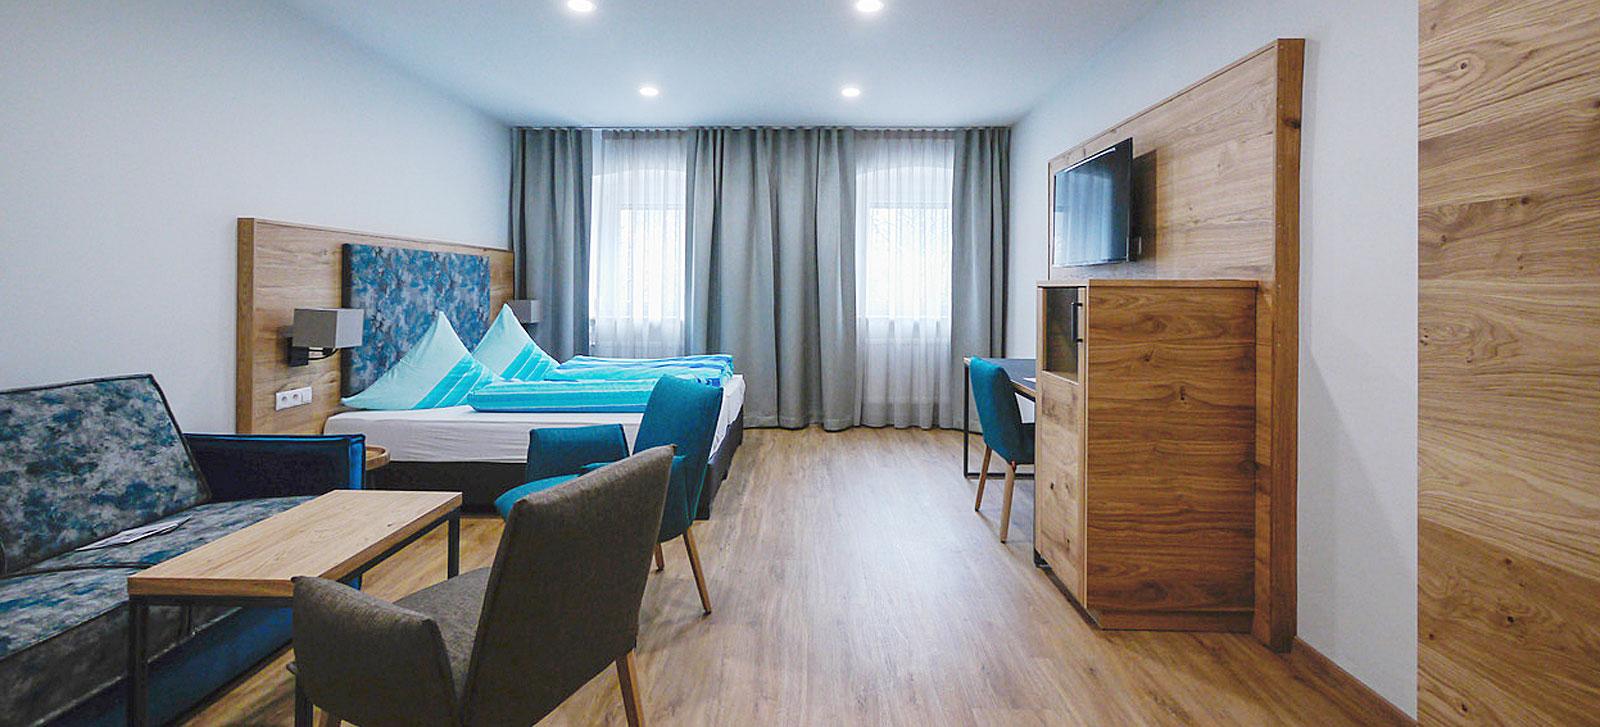 zimmer und preise im hotel in bayern gem tlich wohnen im hotel bei grafenau. Black Bedroom Furniture Sets. Home Design Ideas